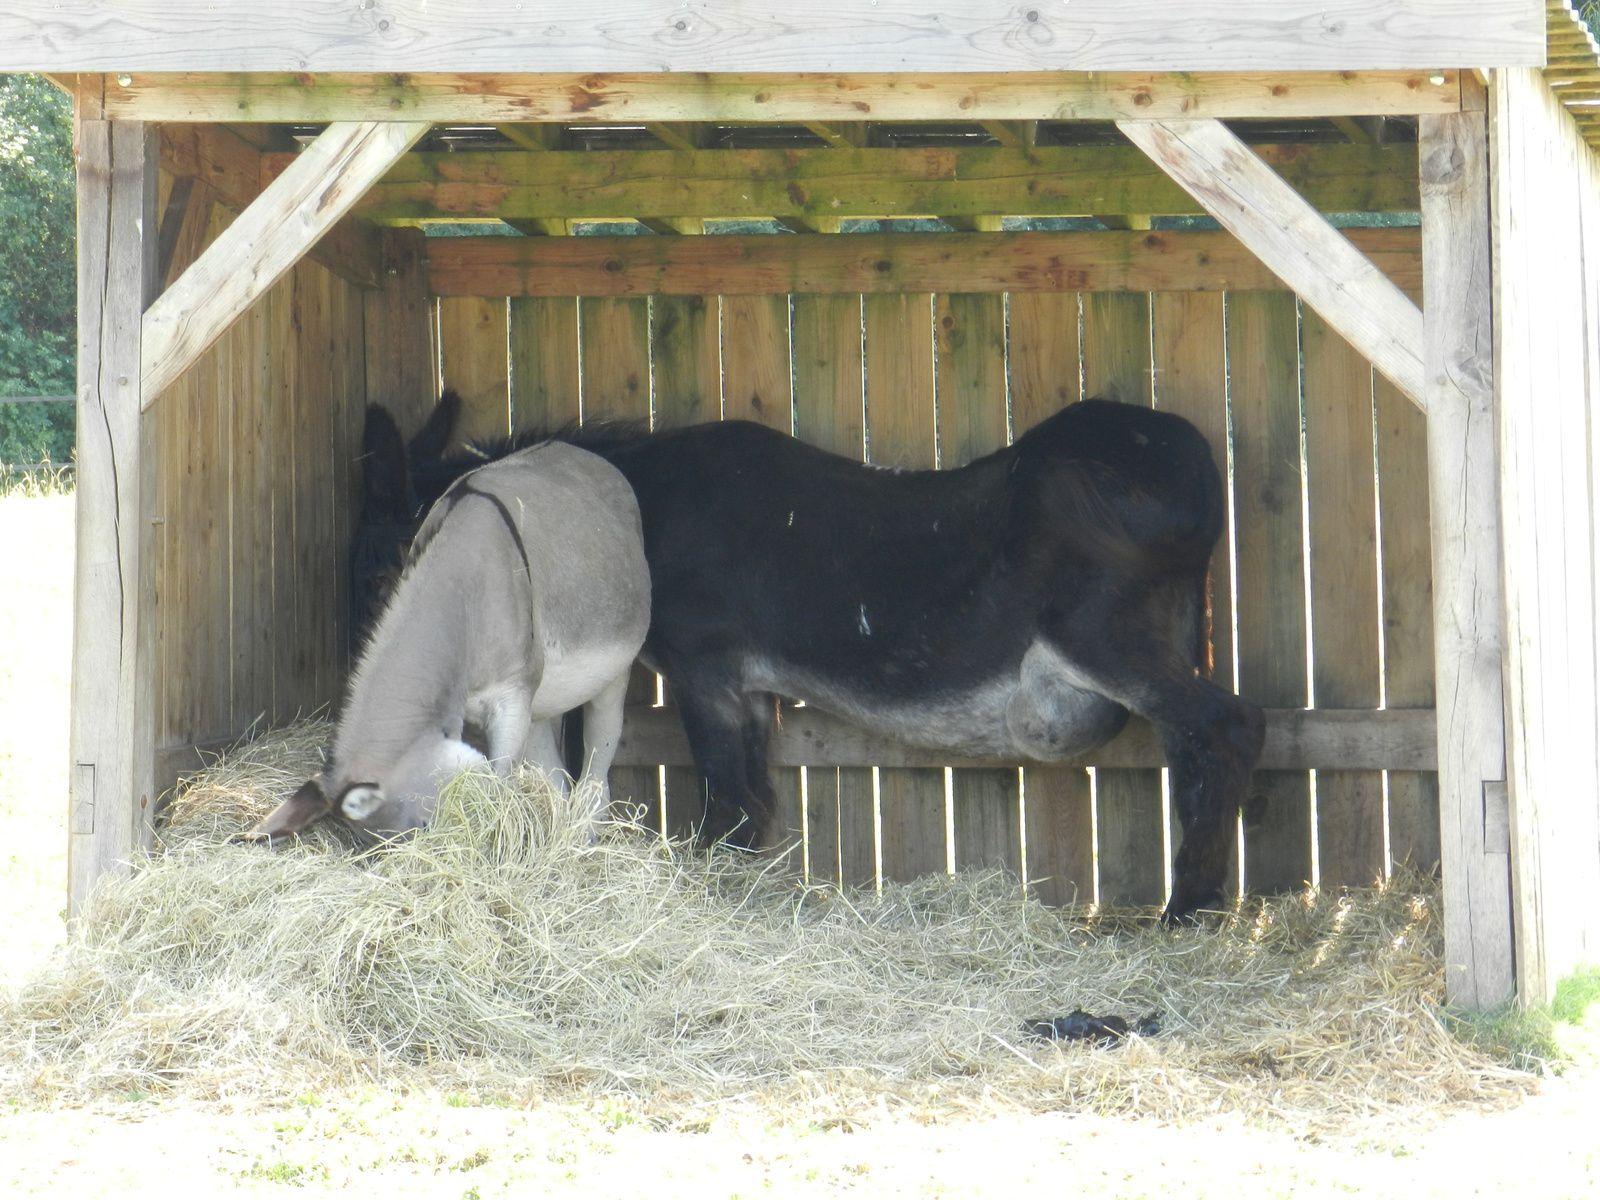 Anes sous leur abri. Techniques d'élevage. Tous droits réservés.